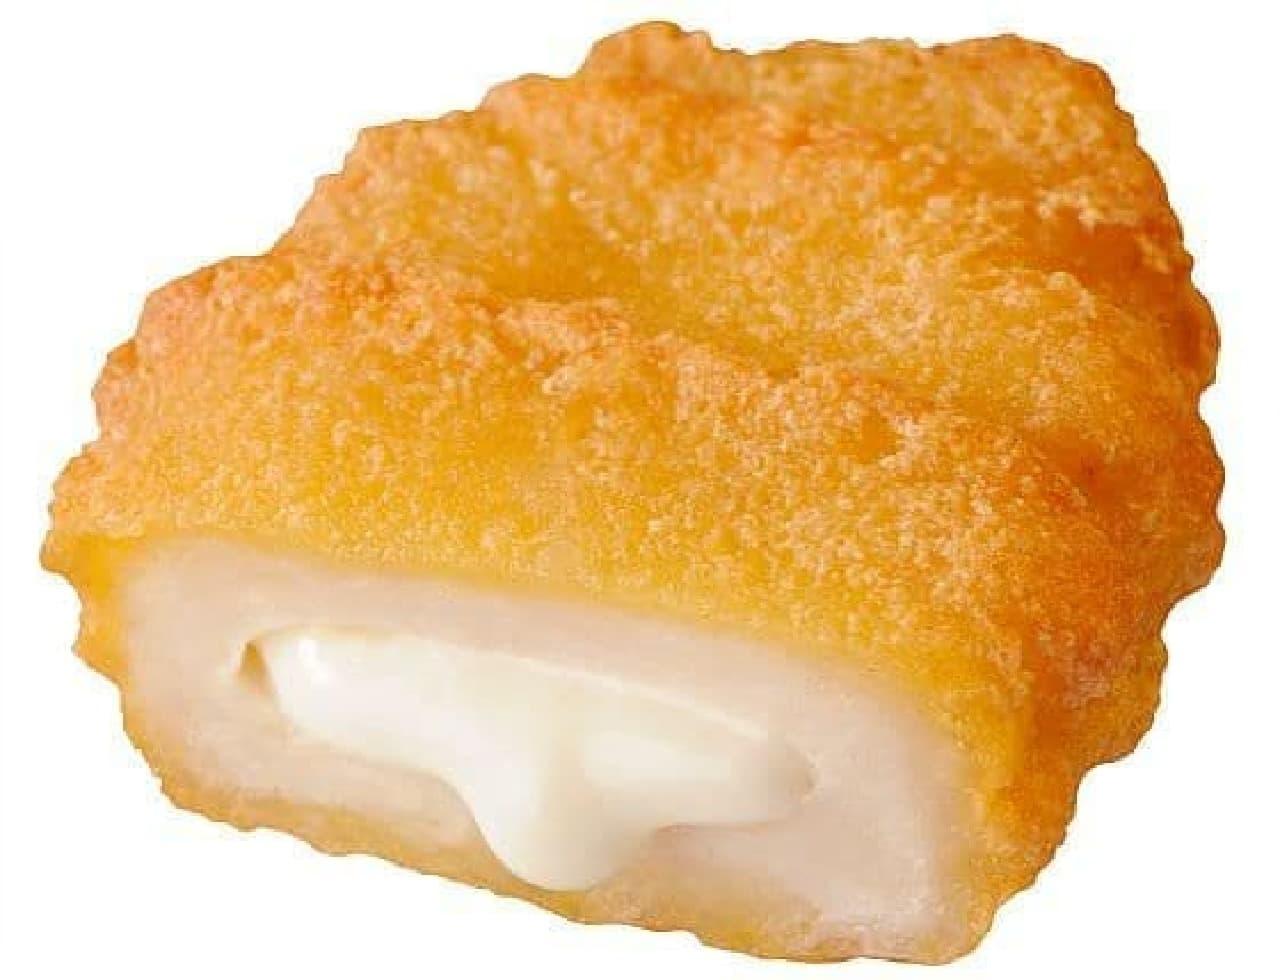 ミニストップ「チーズinチキン&チップス」